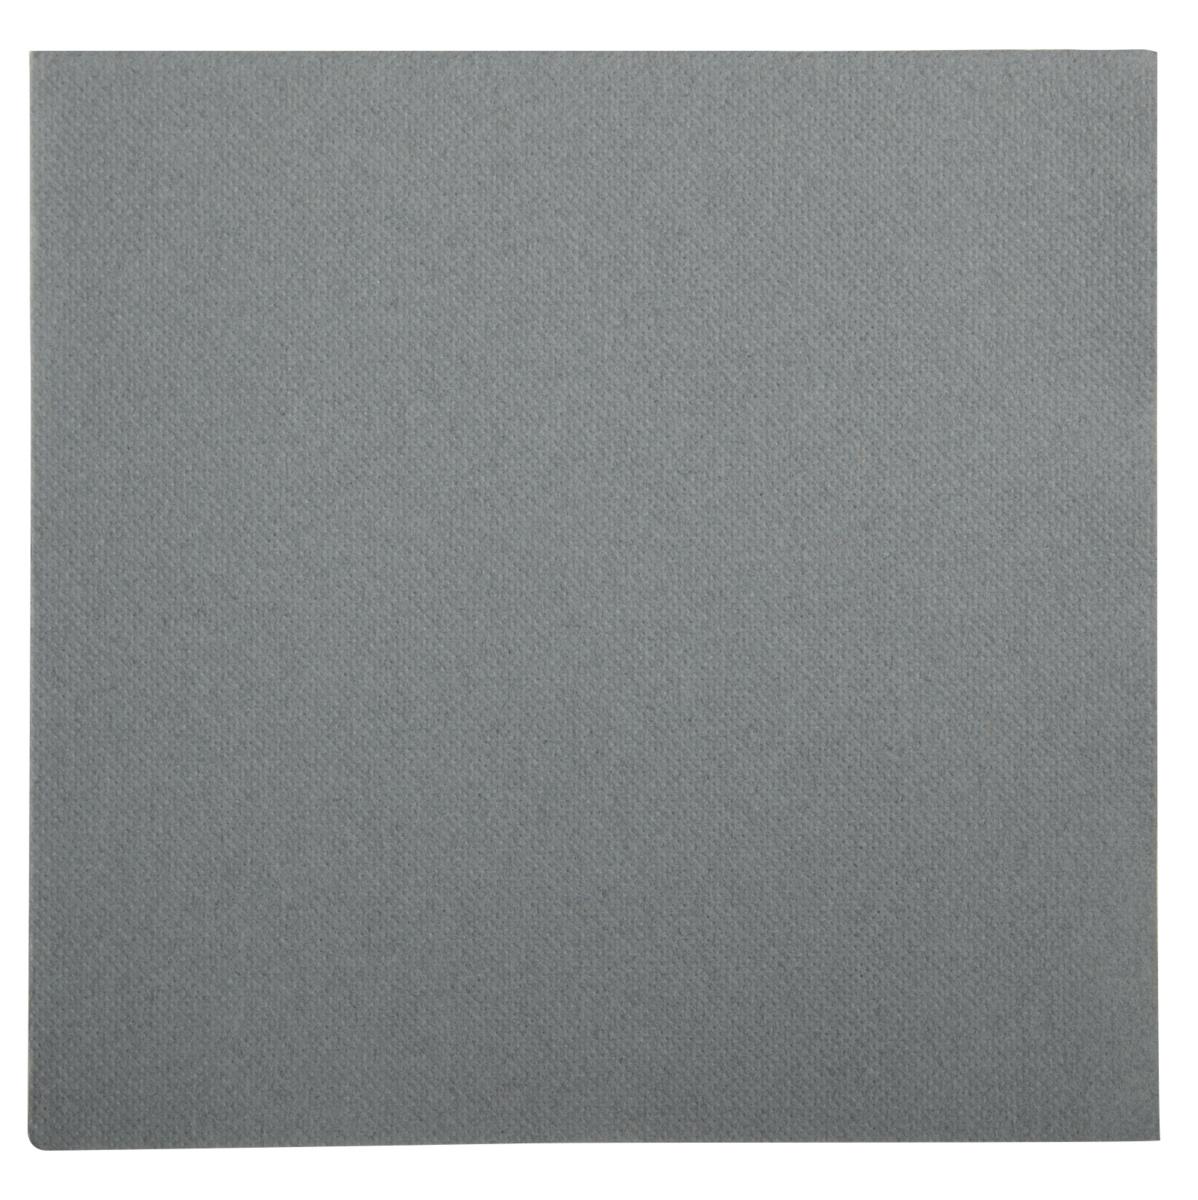 Serviette béton ouate de cellulose 38x38 cm Lisah Pro.mundi (50 pièces)